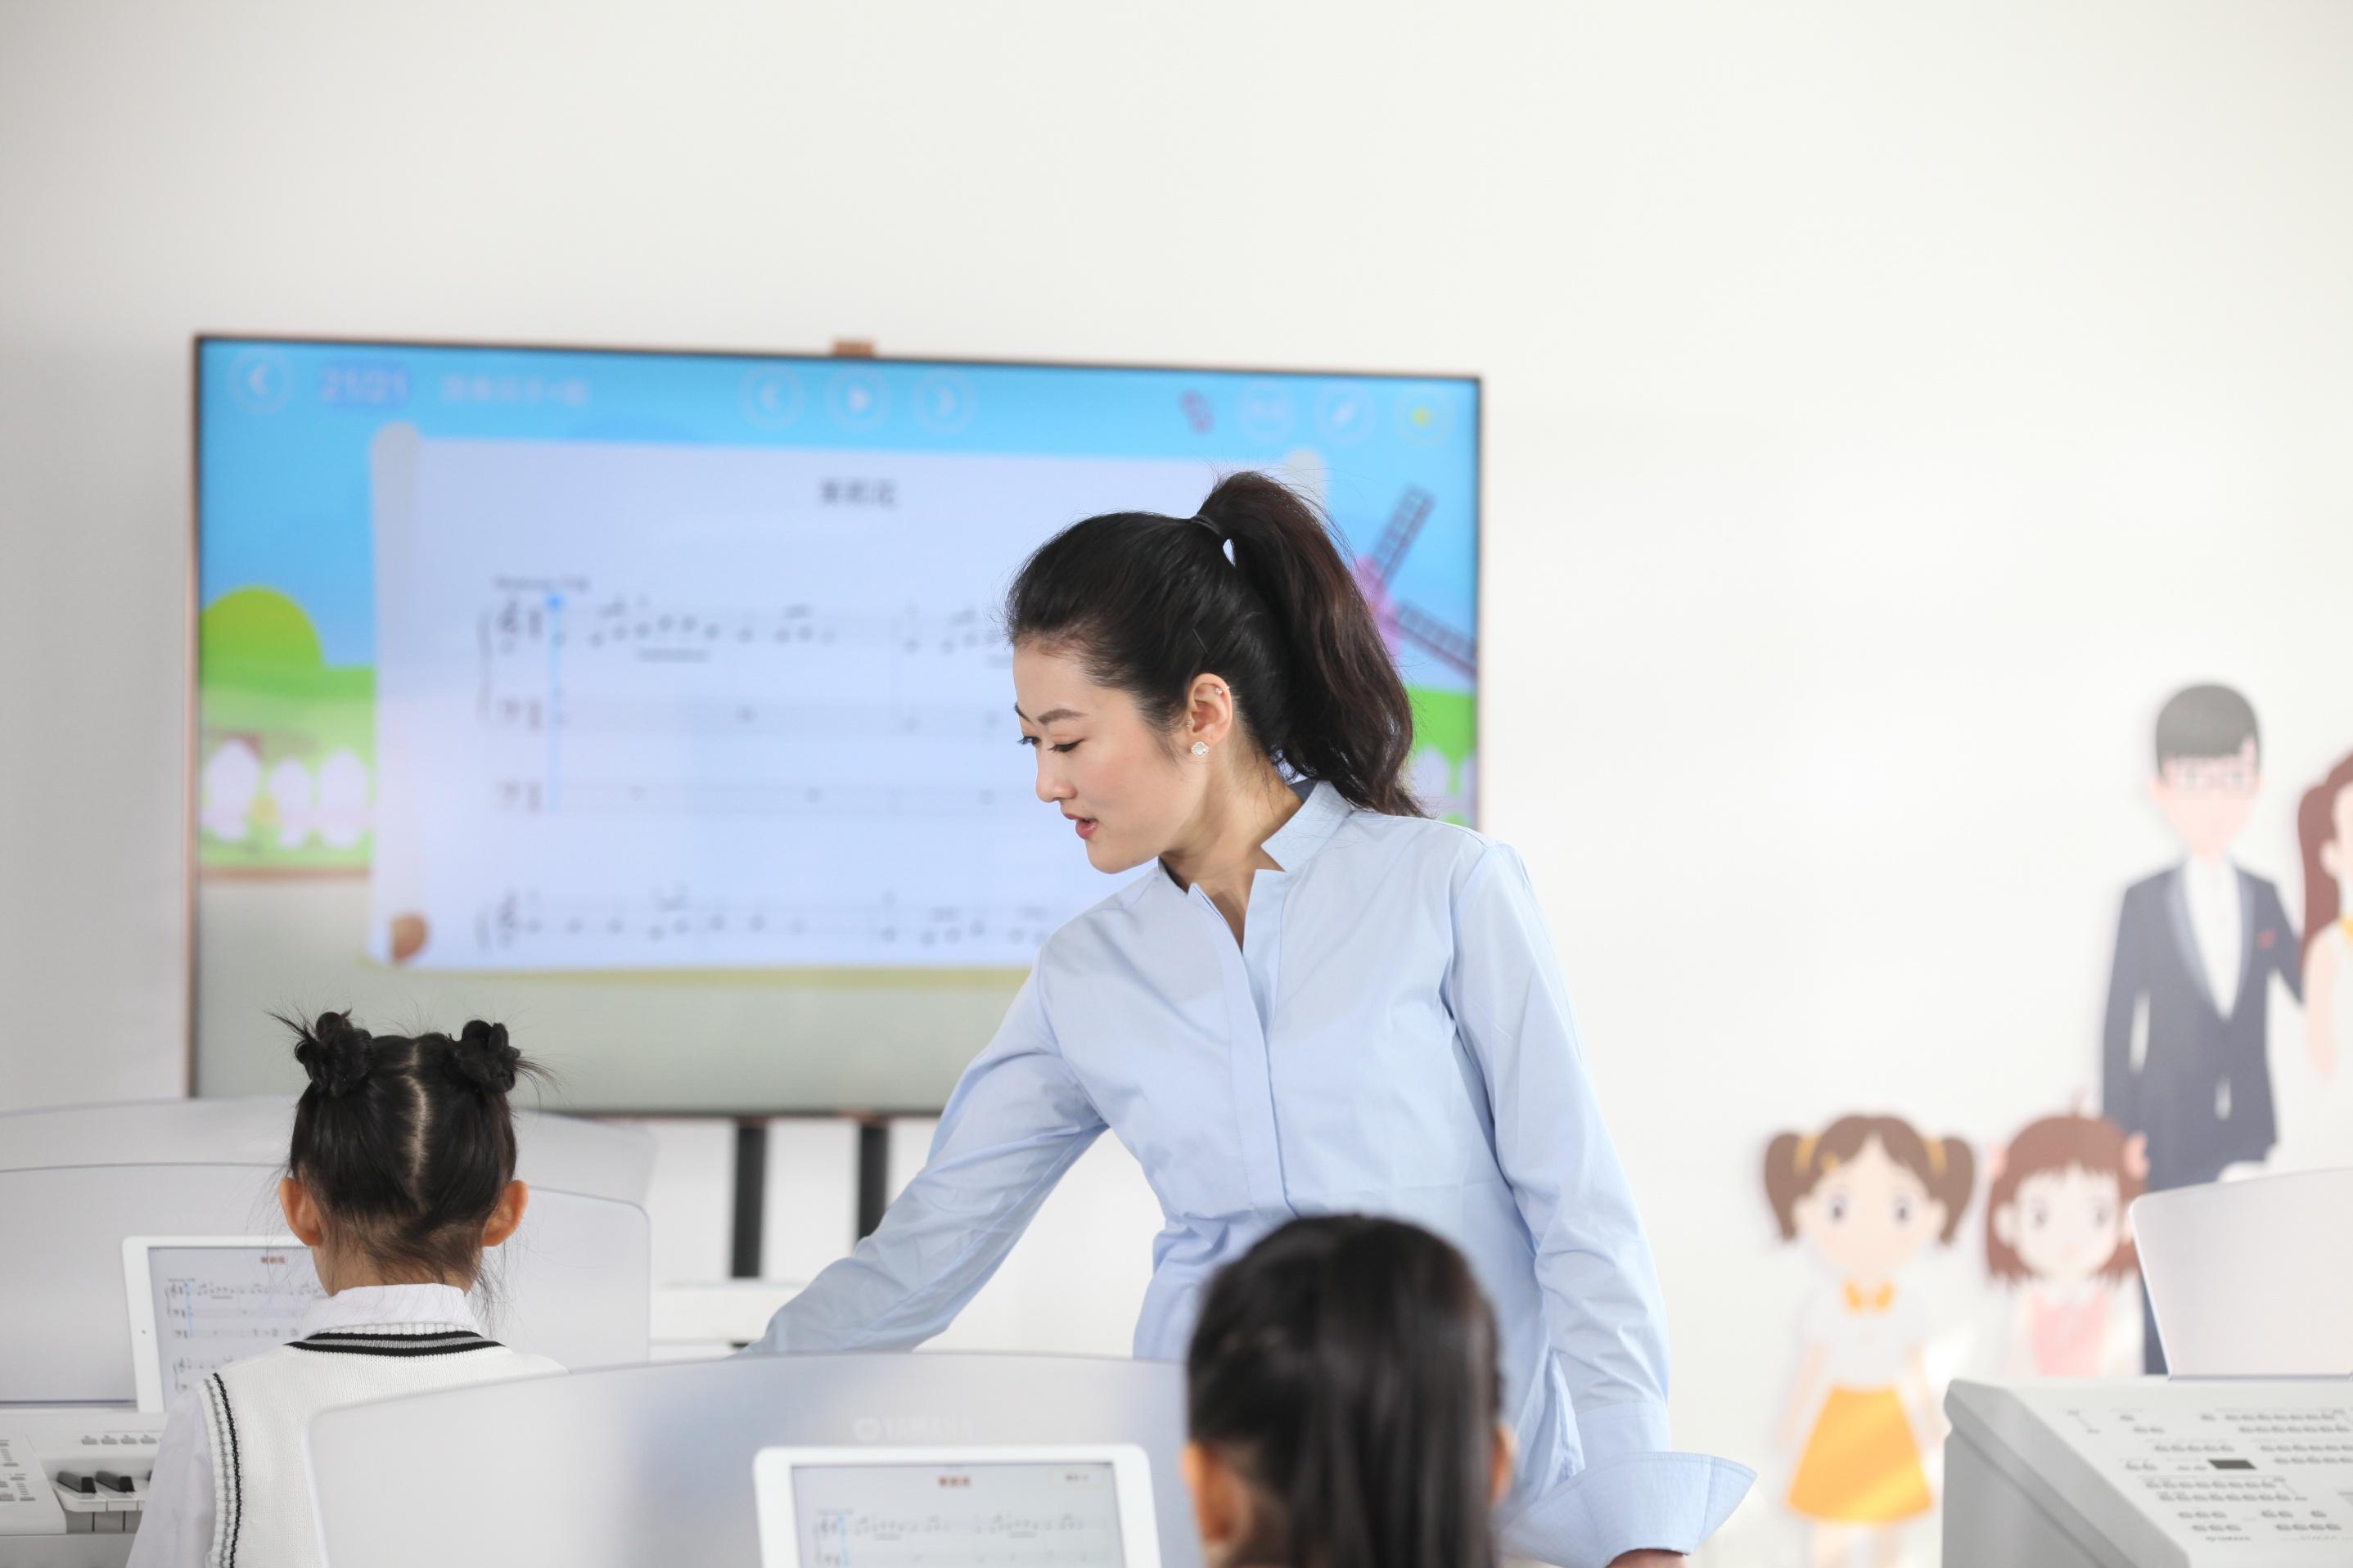 培训机构老师与家长应该沟通哪些